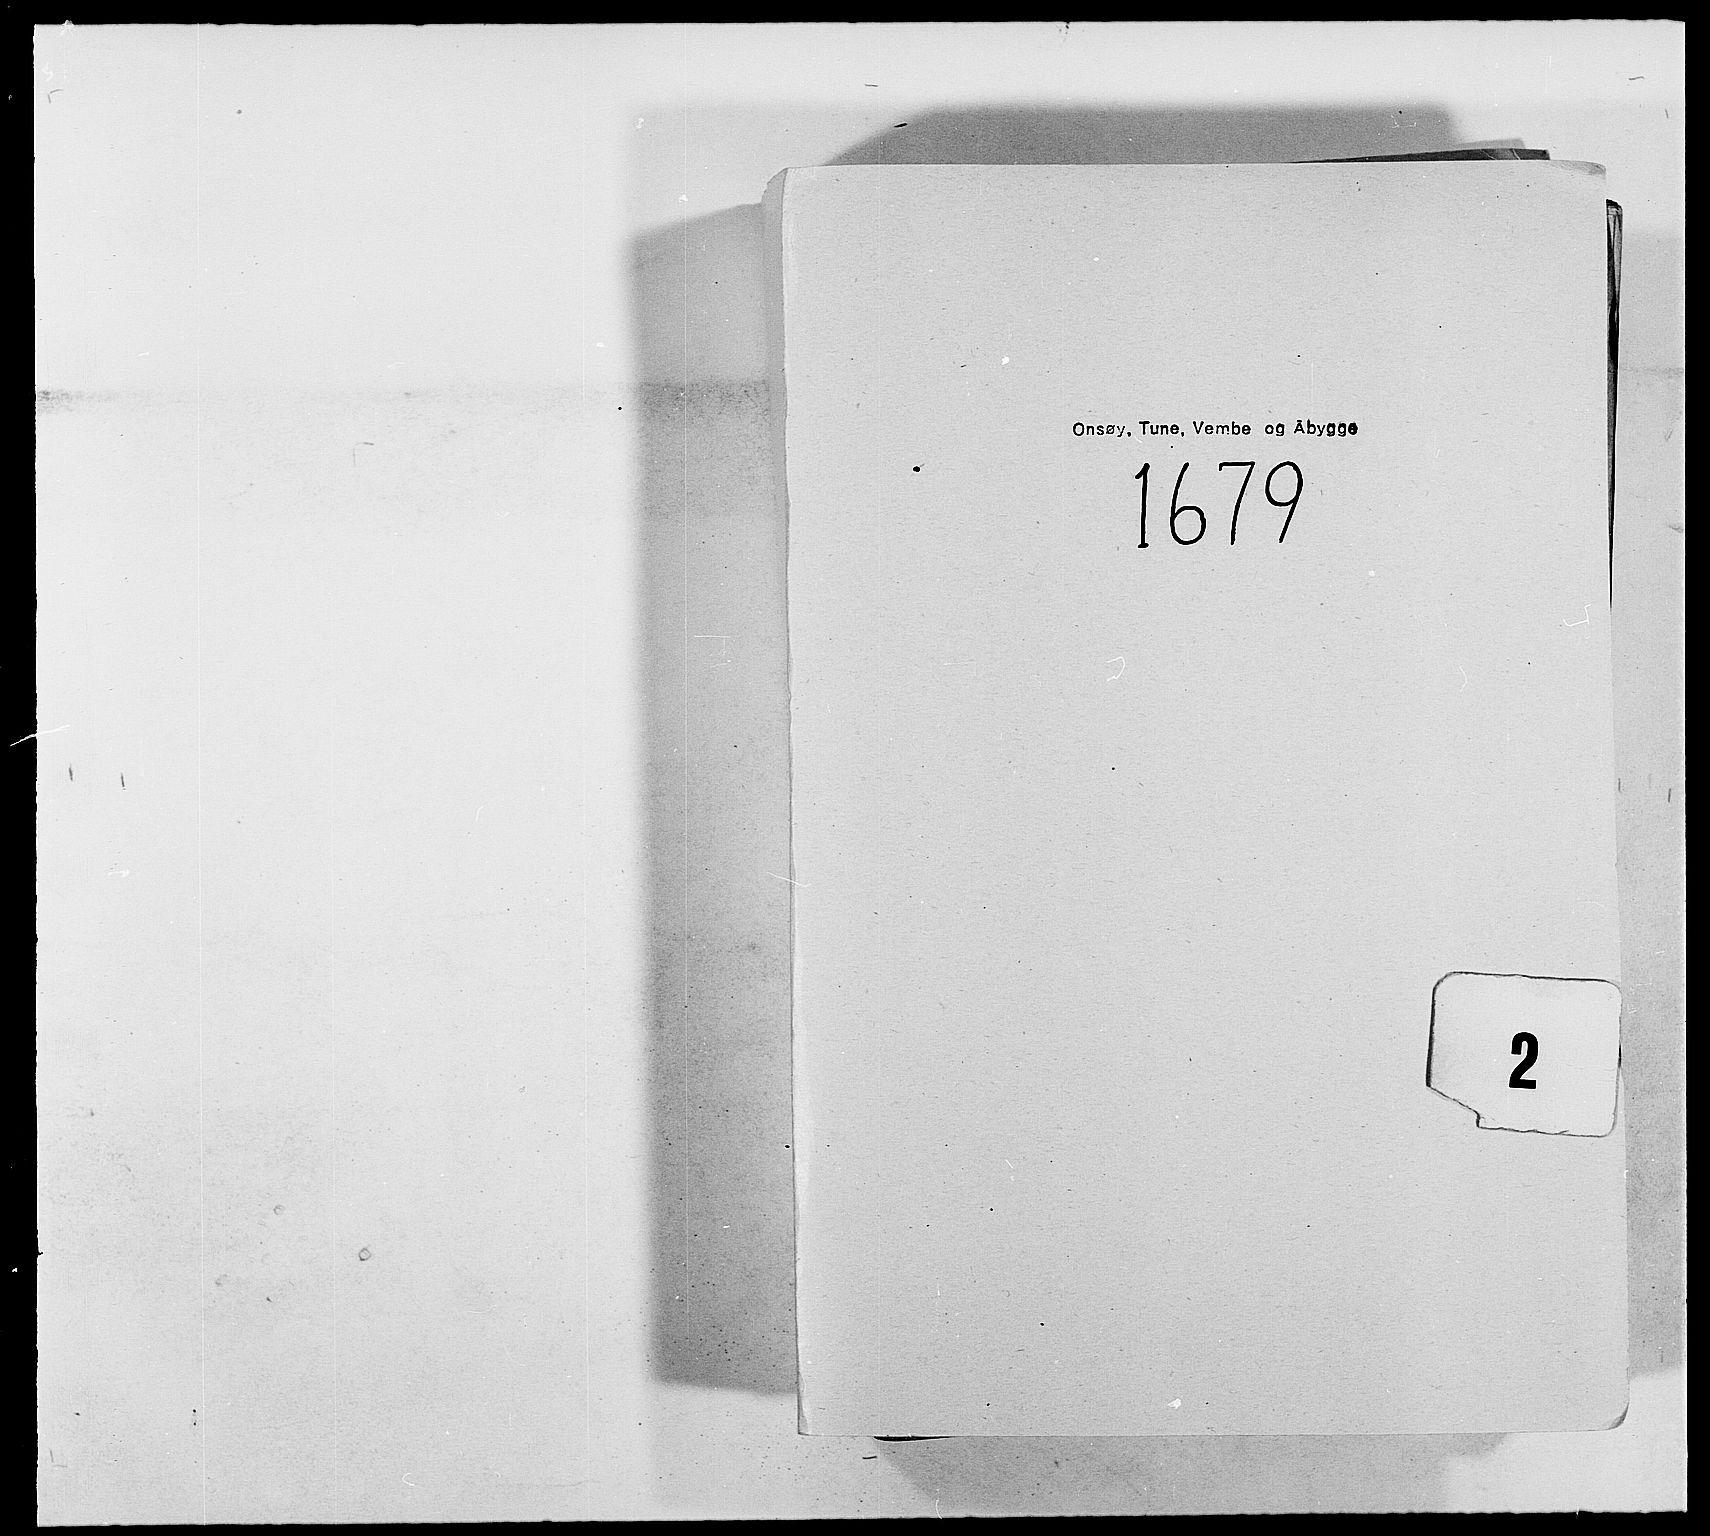 RA, Rentekammeret inntil 1814, Reviderte regnskaper, Fogderegnskap, R03/L0110: Fogderegnskap Onsøy, Tune, Veme og Åbygge fogderi, 1678-1679, s. 1